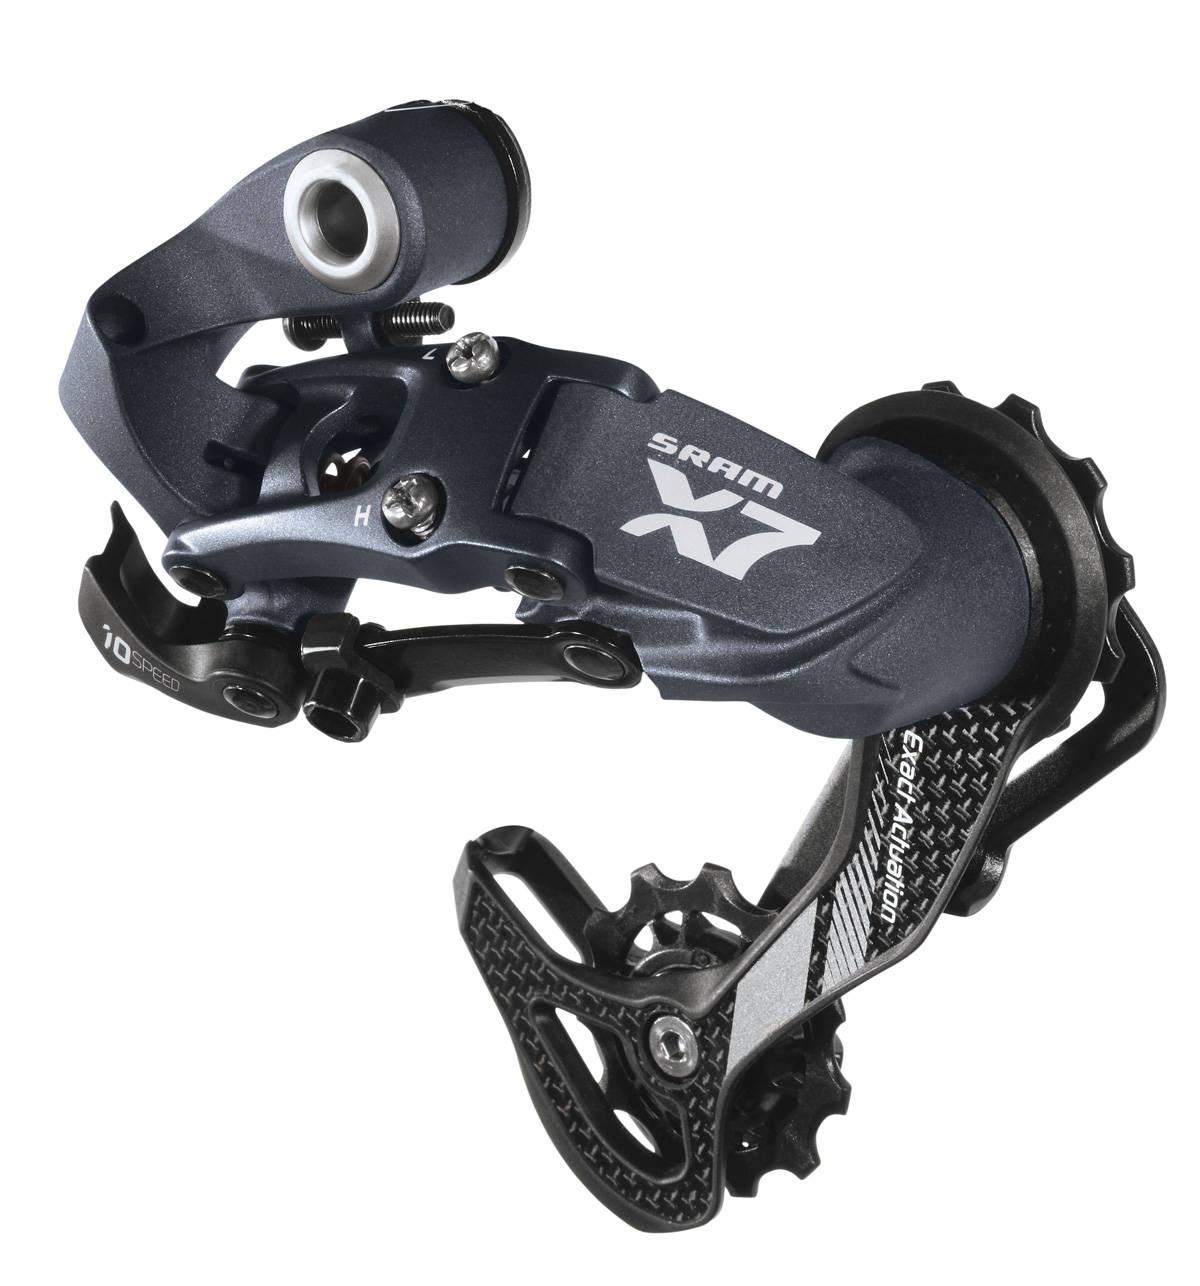 SRAM X7 sykkelgir